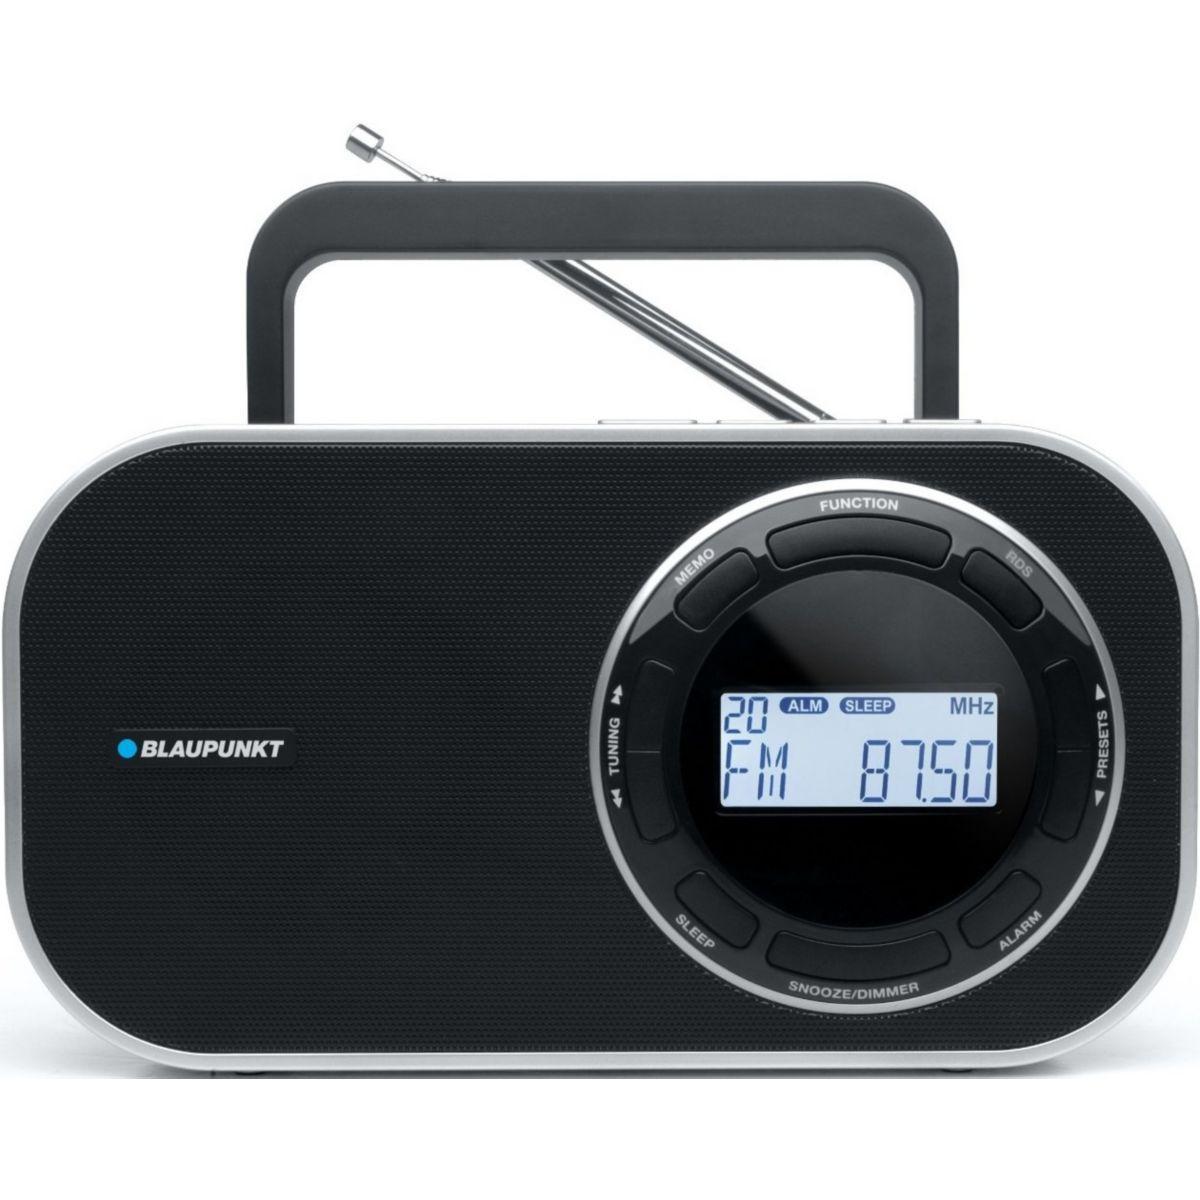 Radio analogique blaupunkt btd-7000 - 7% de remise imm�diate avec le code : fete7 (photo)